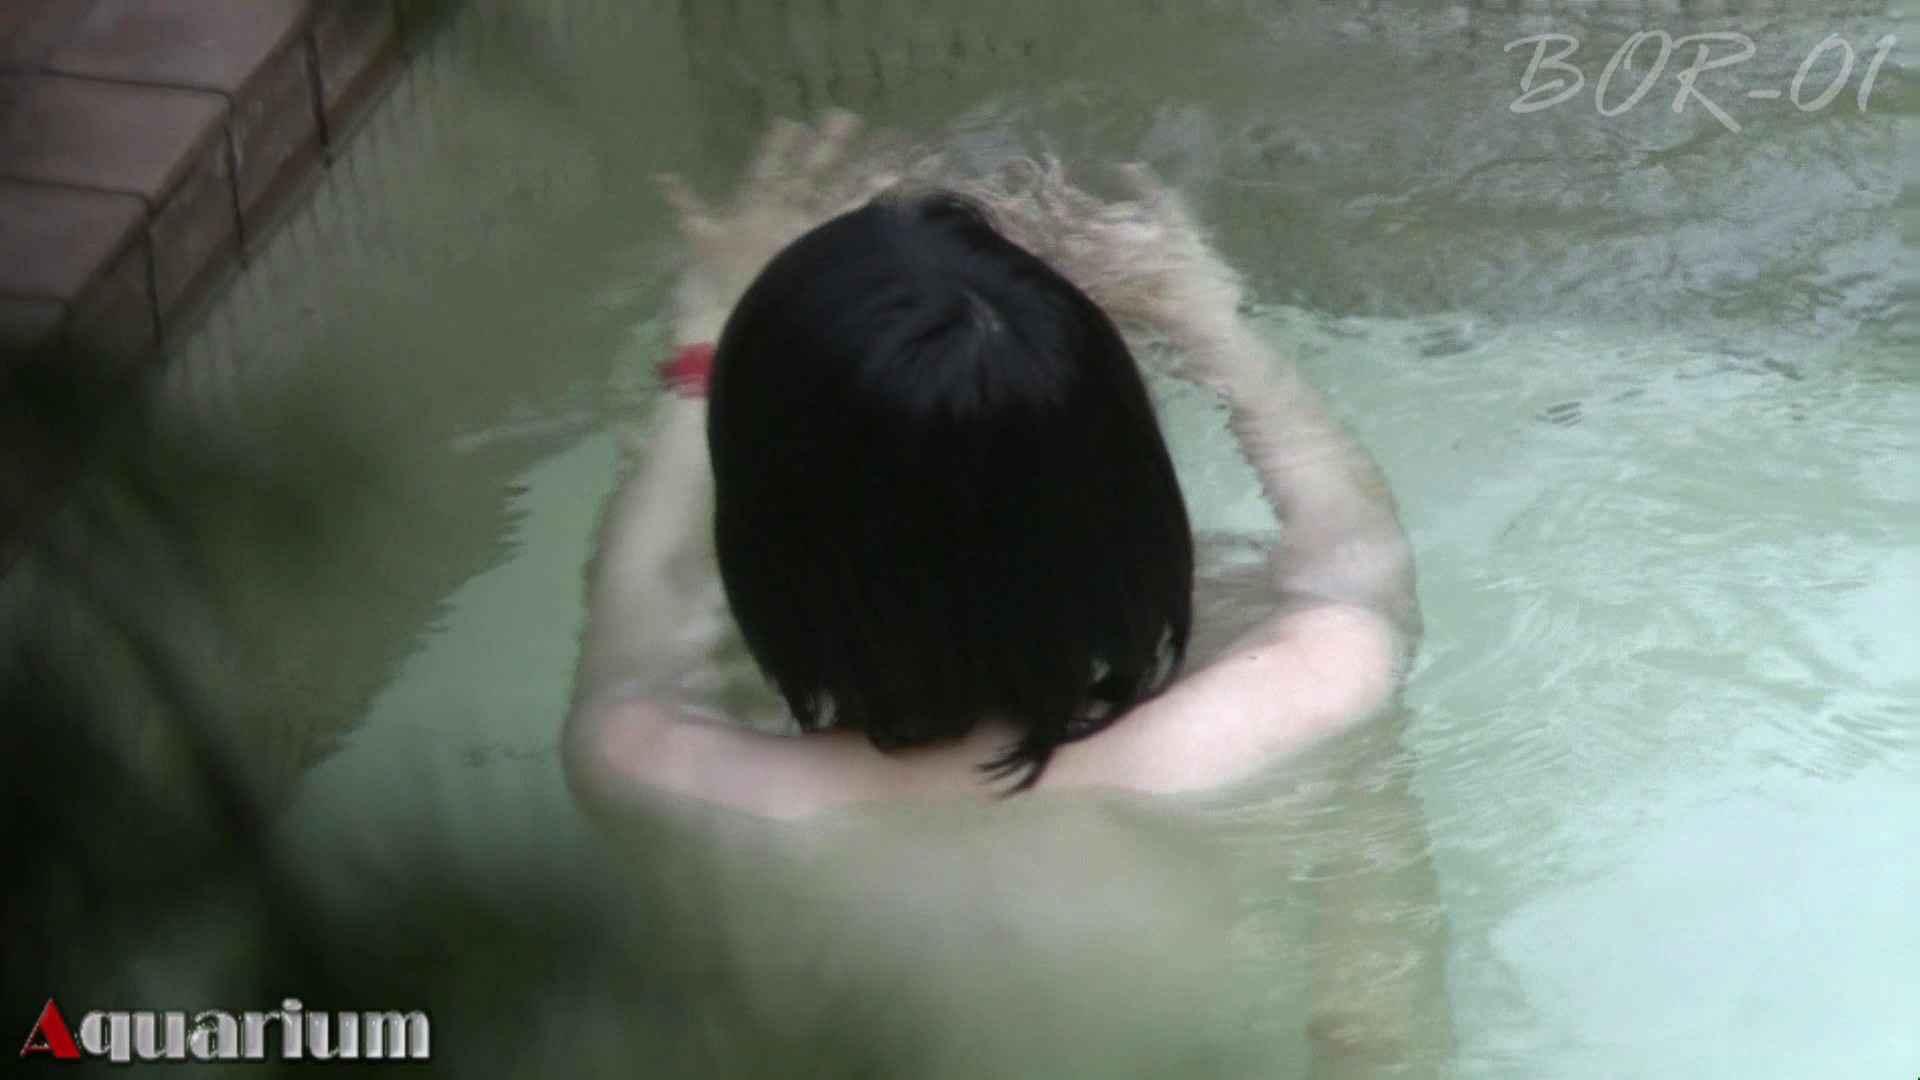 Aquaな露天風呂Vol.466 盗撮 セックス画像 93PICs 47